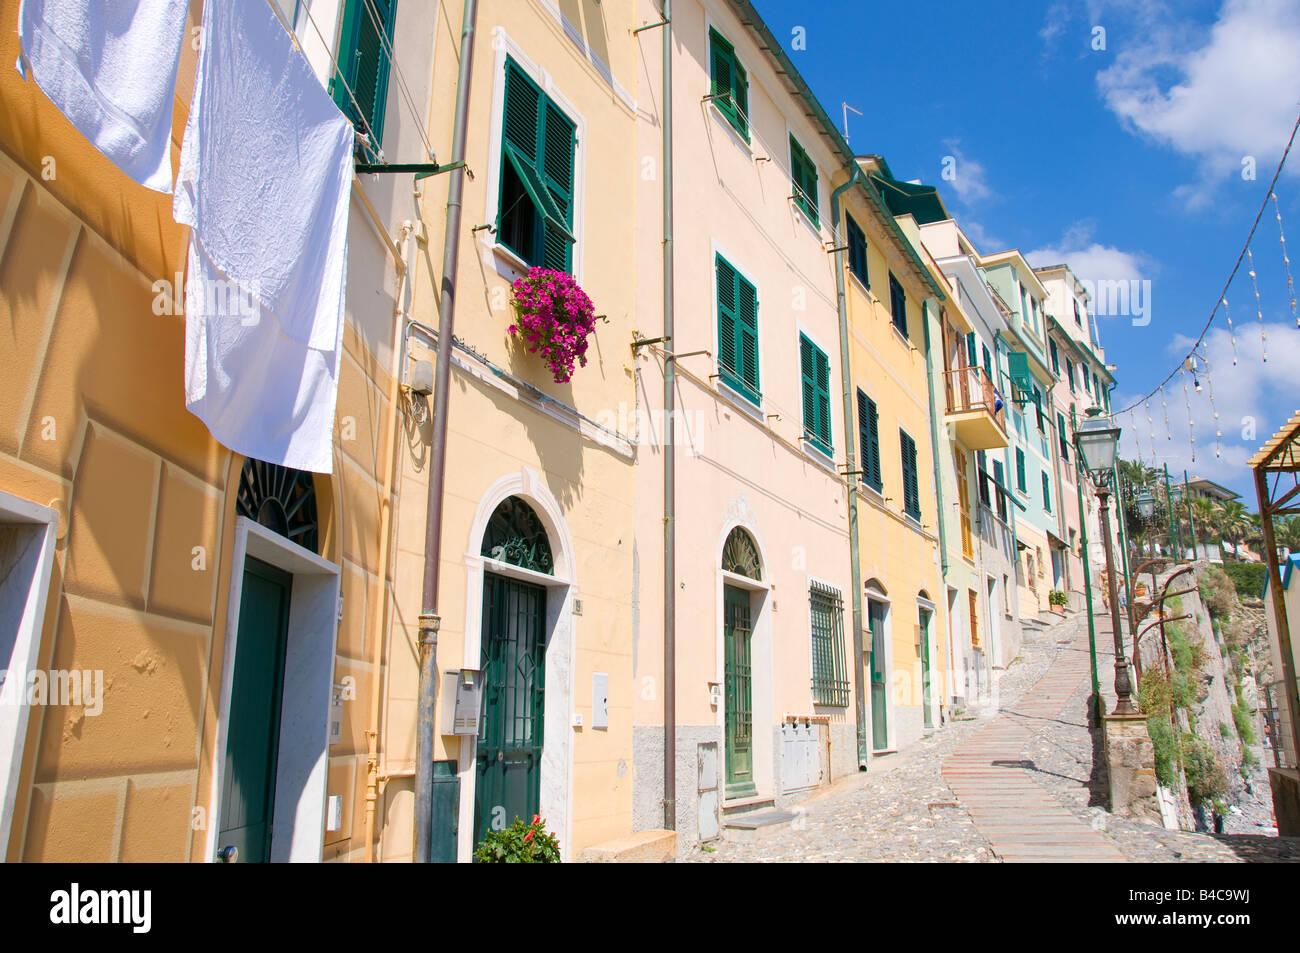 The town of Bogliasco Liguria Italy - Stock Image